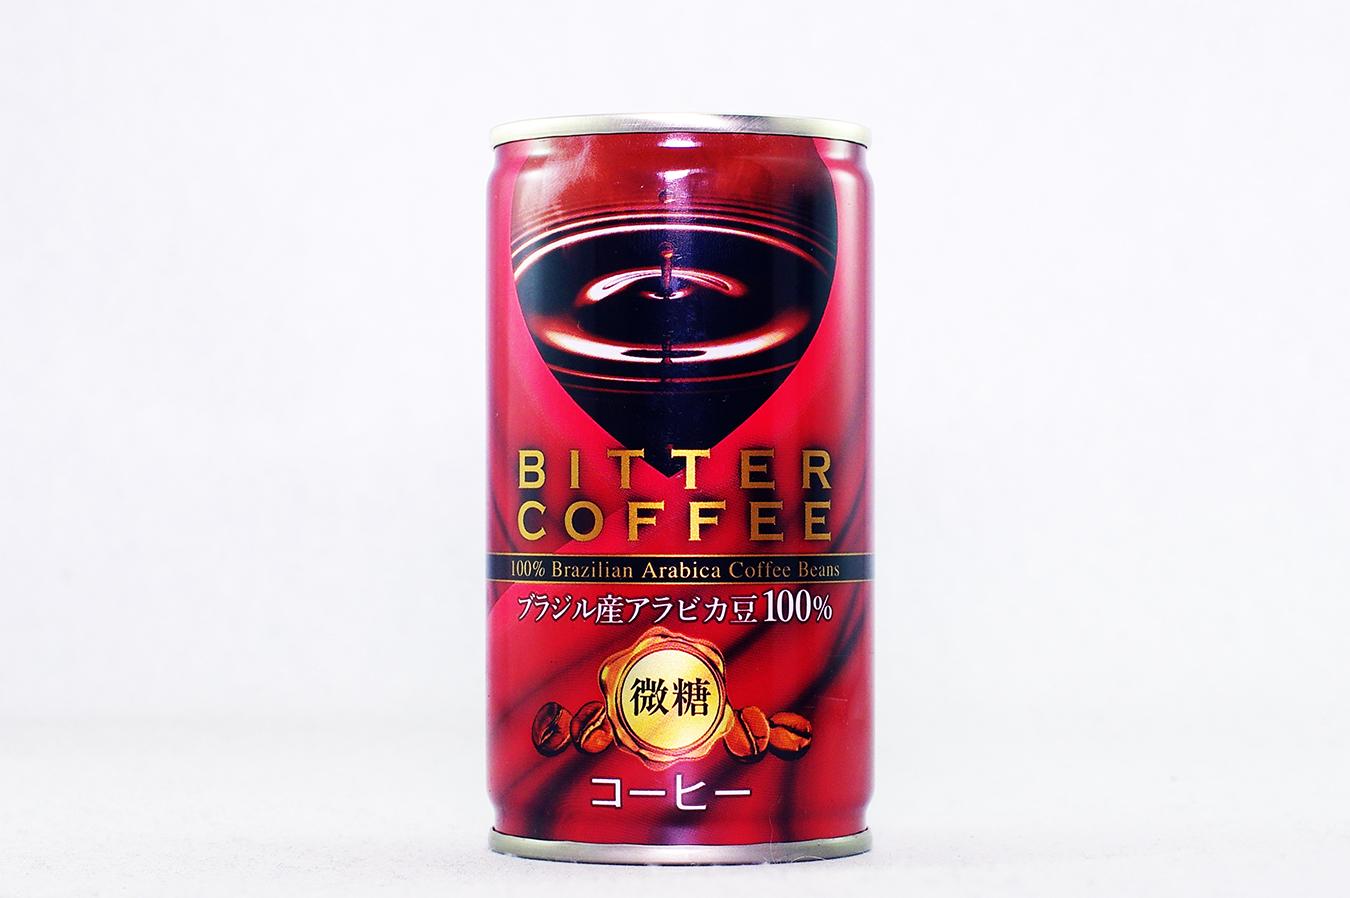 微糖コーヒー 2018年9月